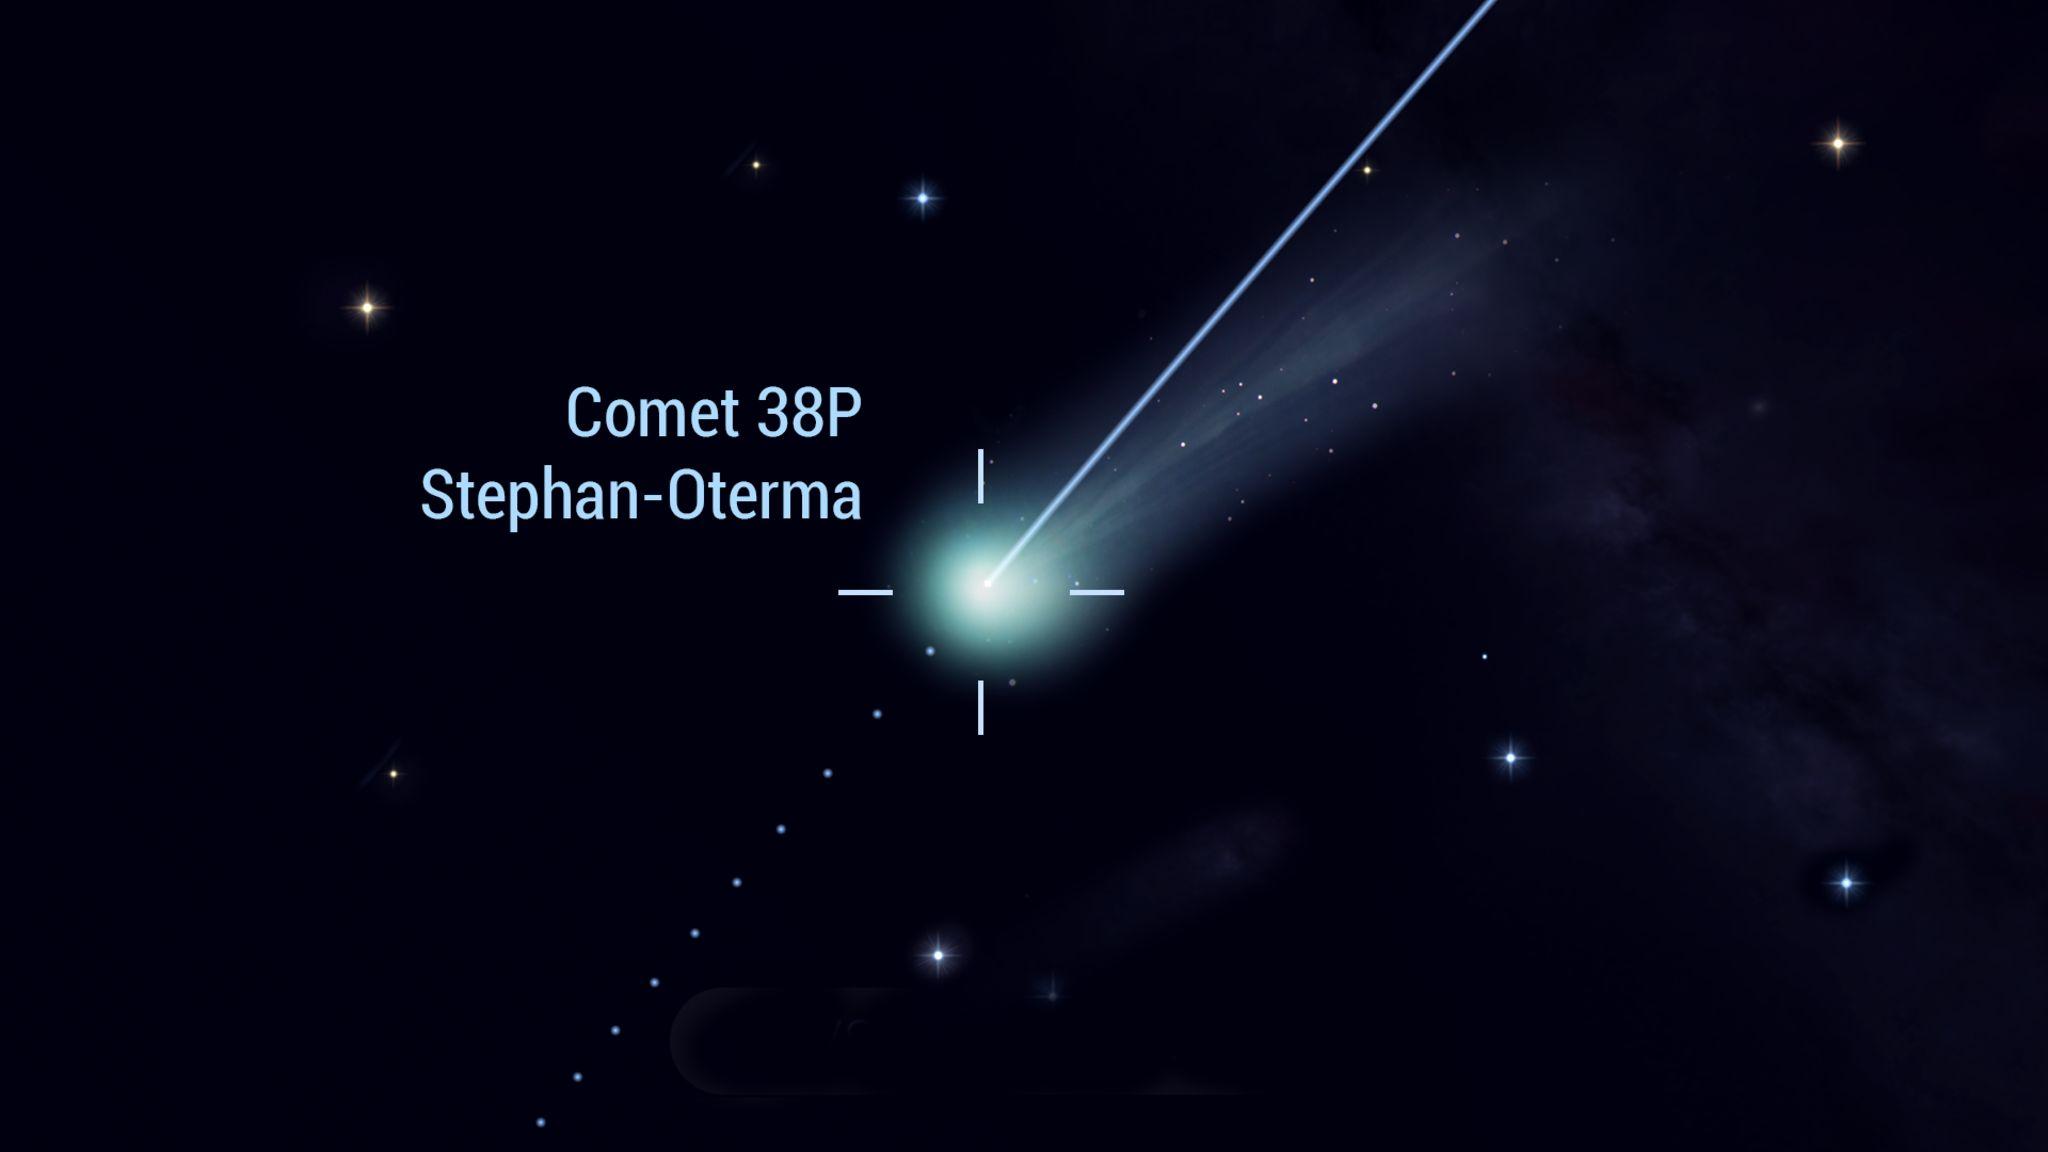 夜空中的两个彗星